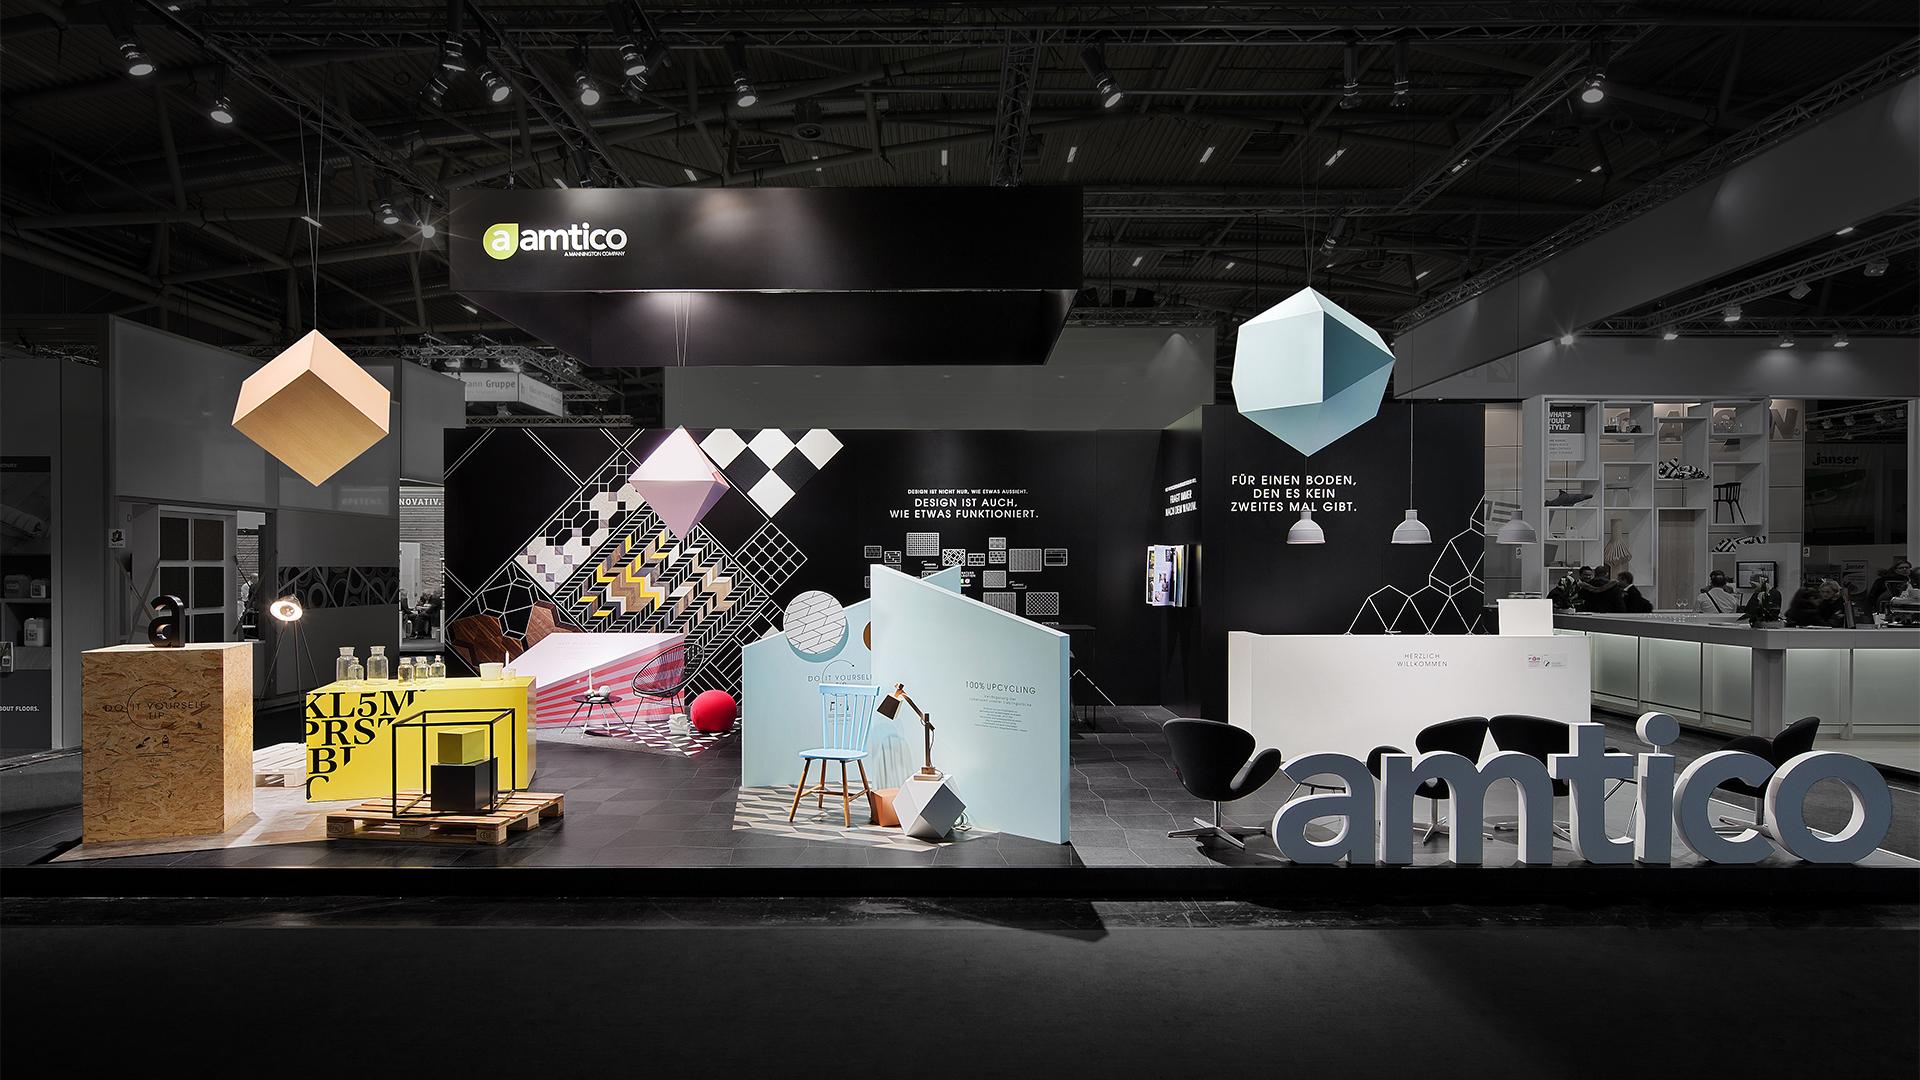 Dart inszeniert die Kommunikation von Amtico für die Bau 2015